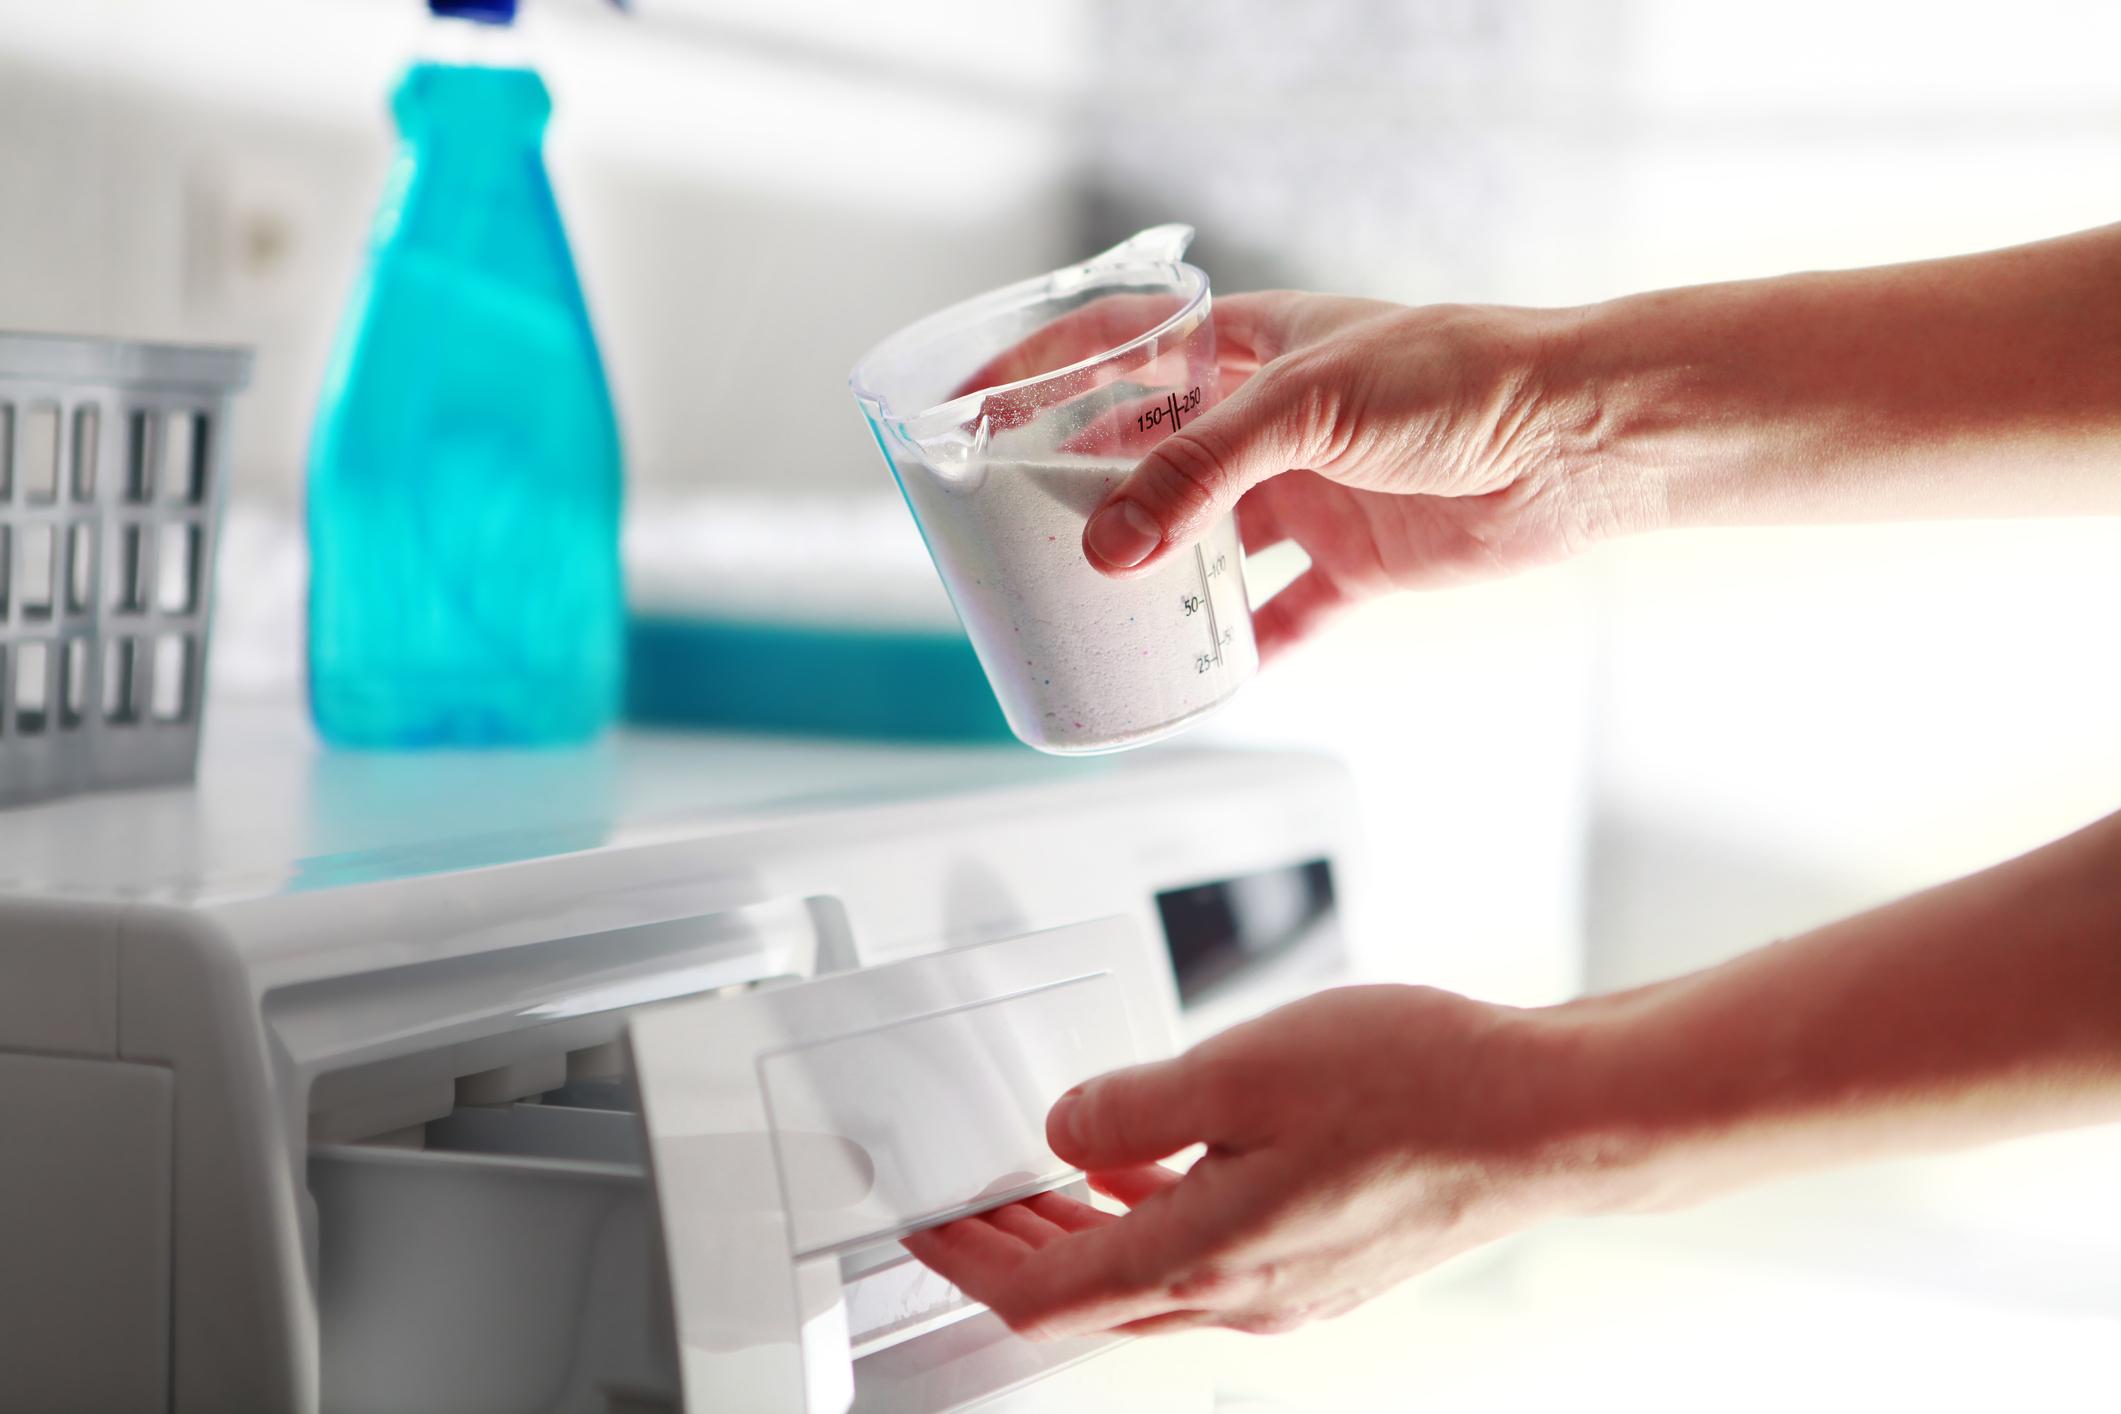 Пълни капачки с прах за пране<br /> Намалете количеството перилен препарат. Експертите разясняват, че прането с твърде много прах може да доведе до това, дрехите ни да останат по-мръсни. На едно стандартно пране се препоръчва по-малко от капачка.